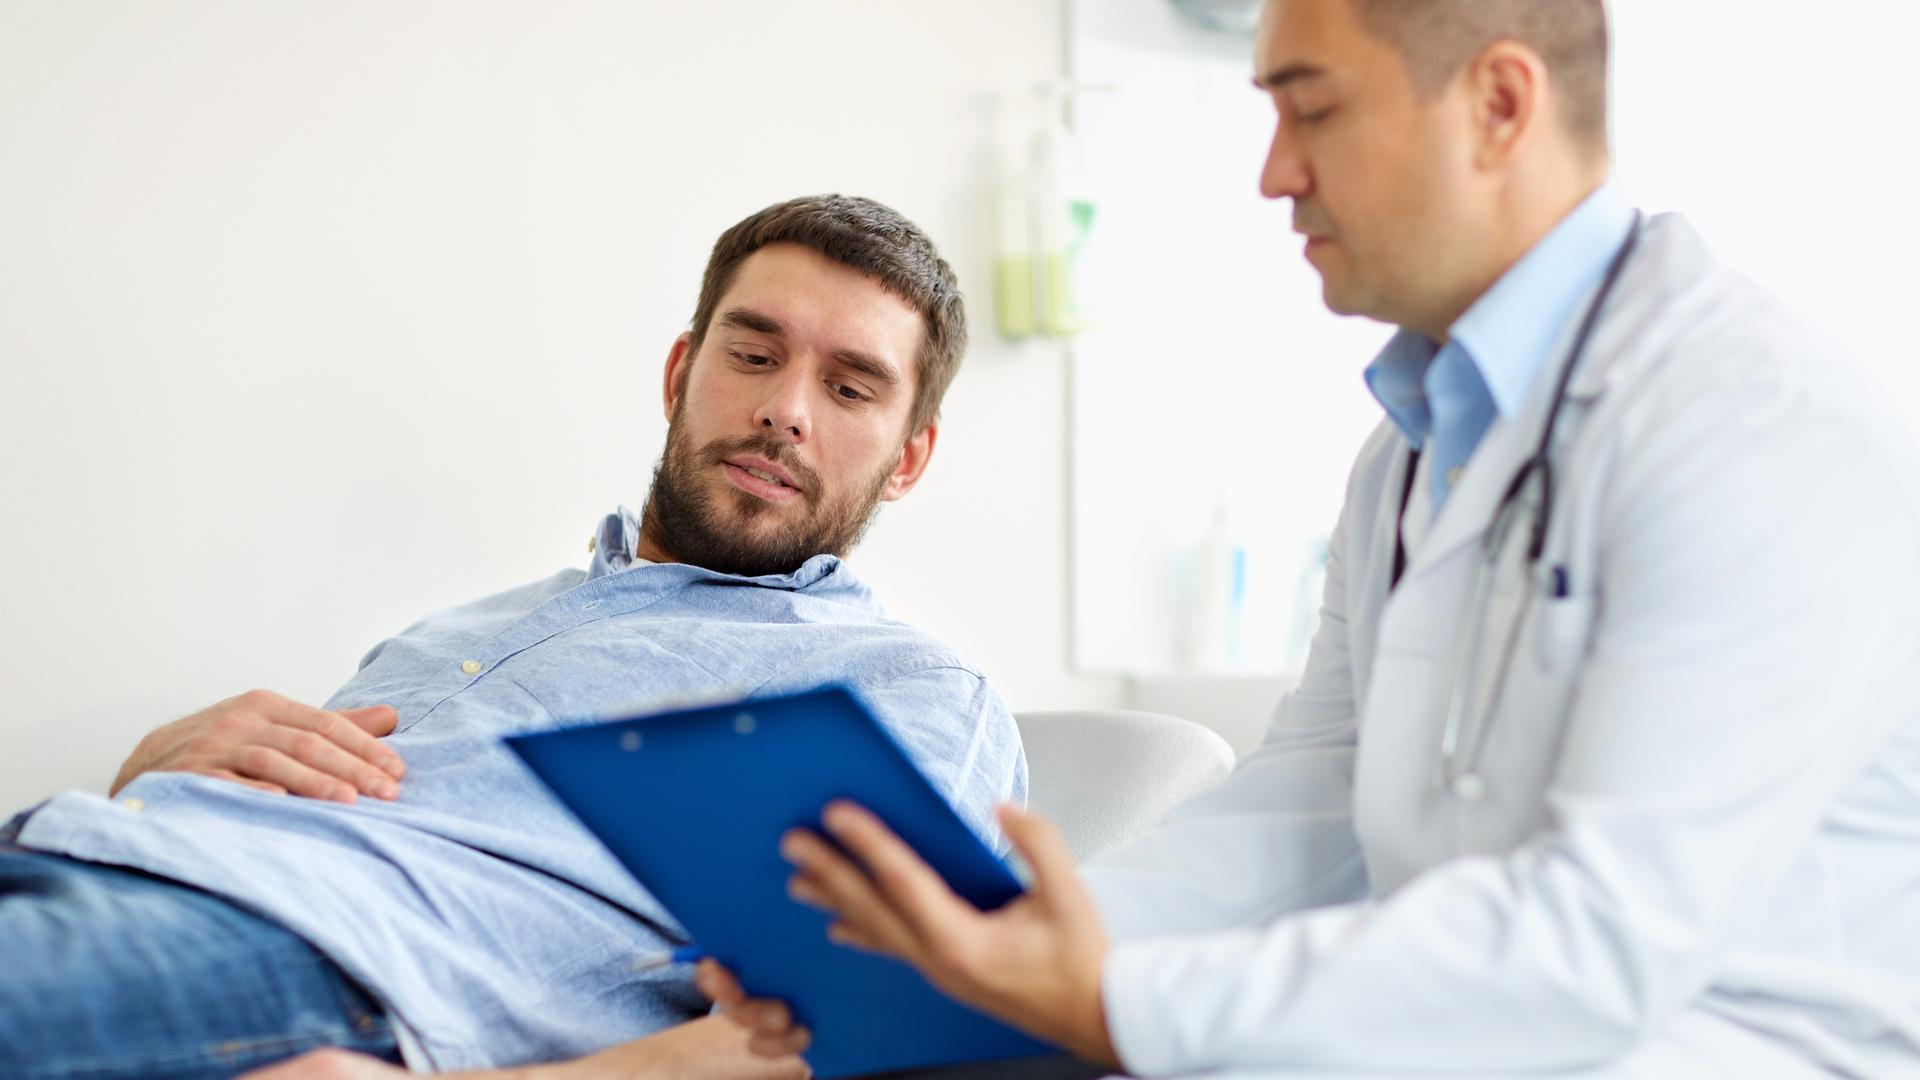 programa de deteccion contra el cancer